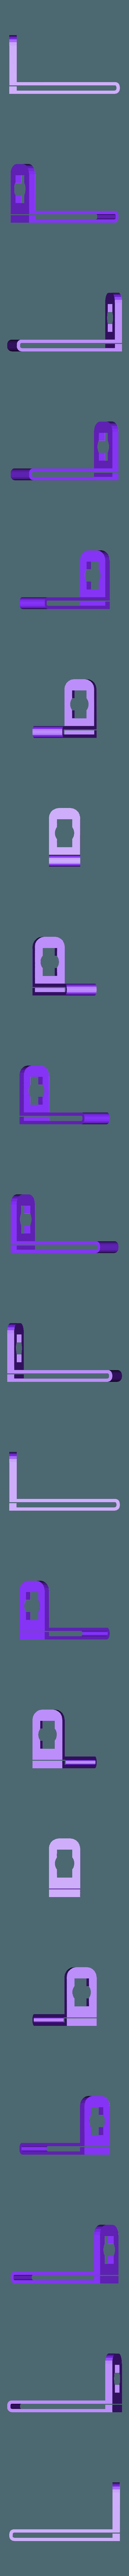 oculus-quest-usb-clip.stl Download free STL file (Oculus Quest) USB extension cable belt clip • 3D printer template, sui77